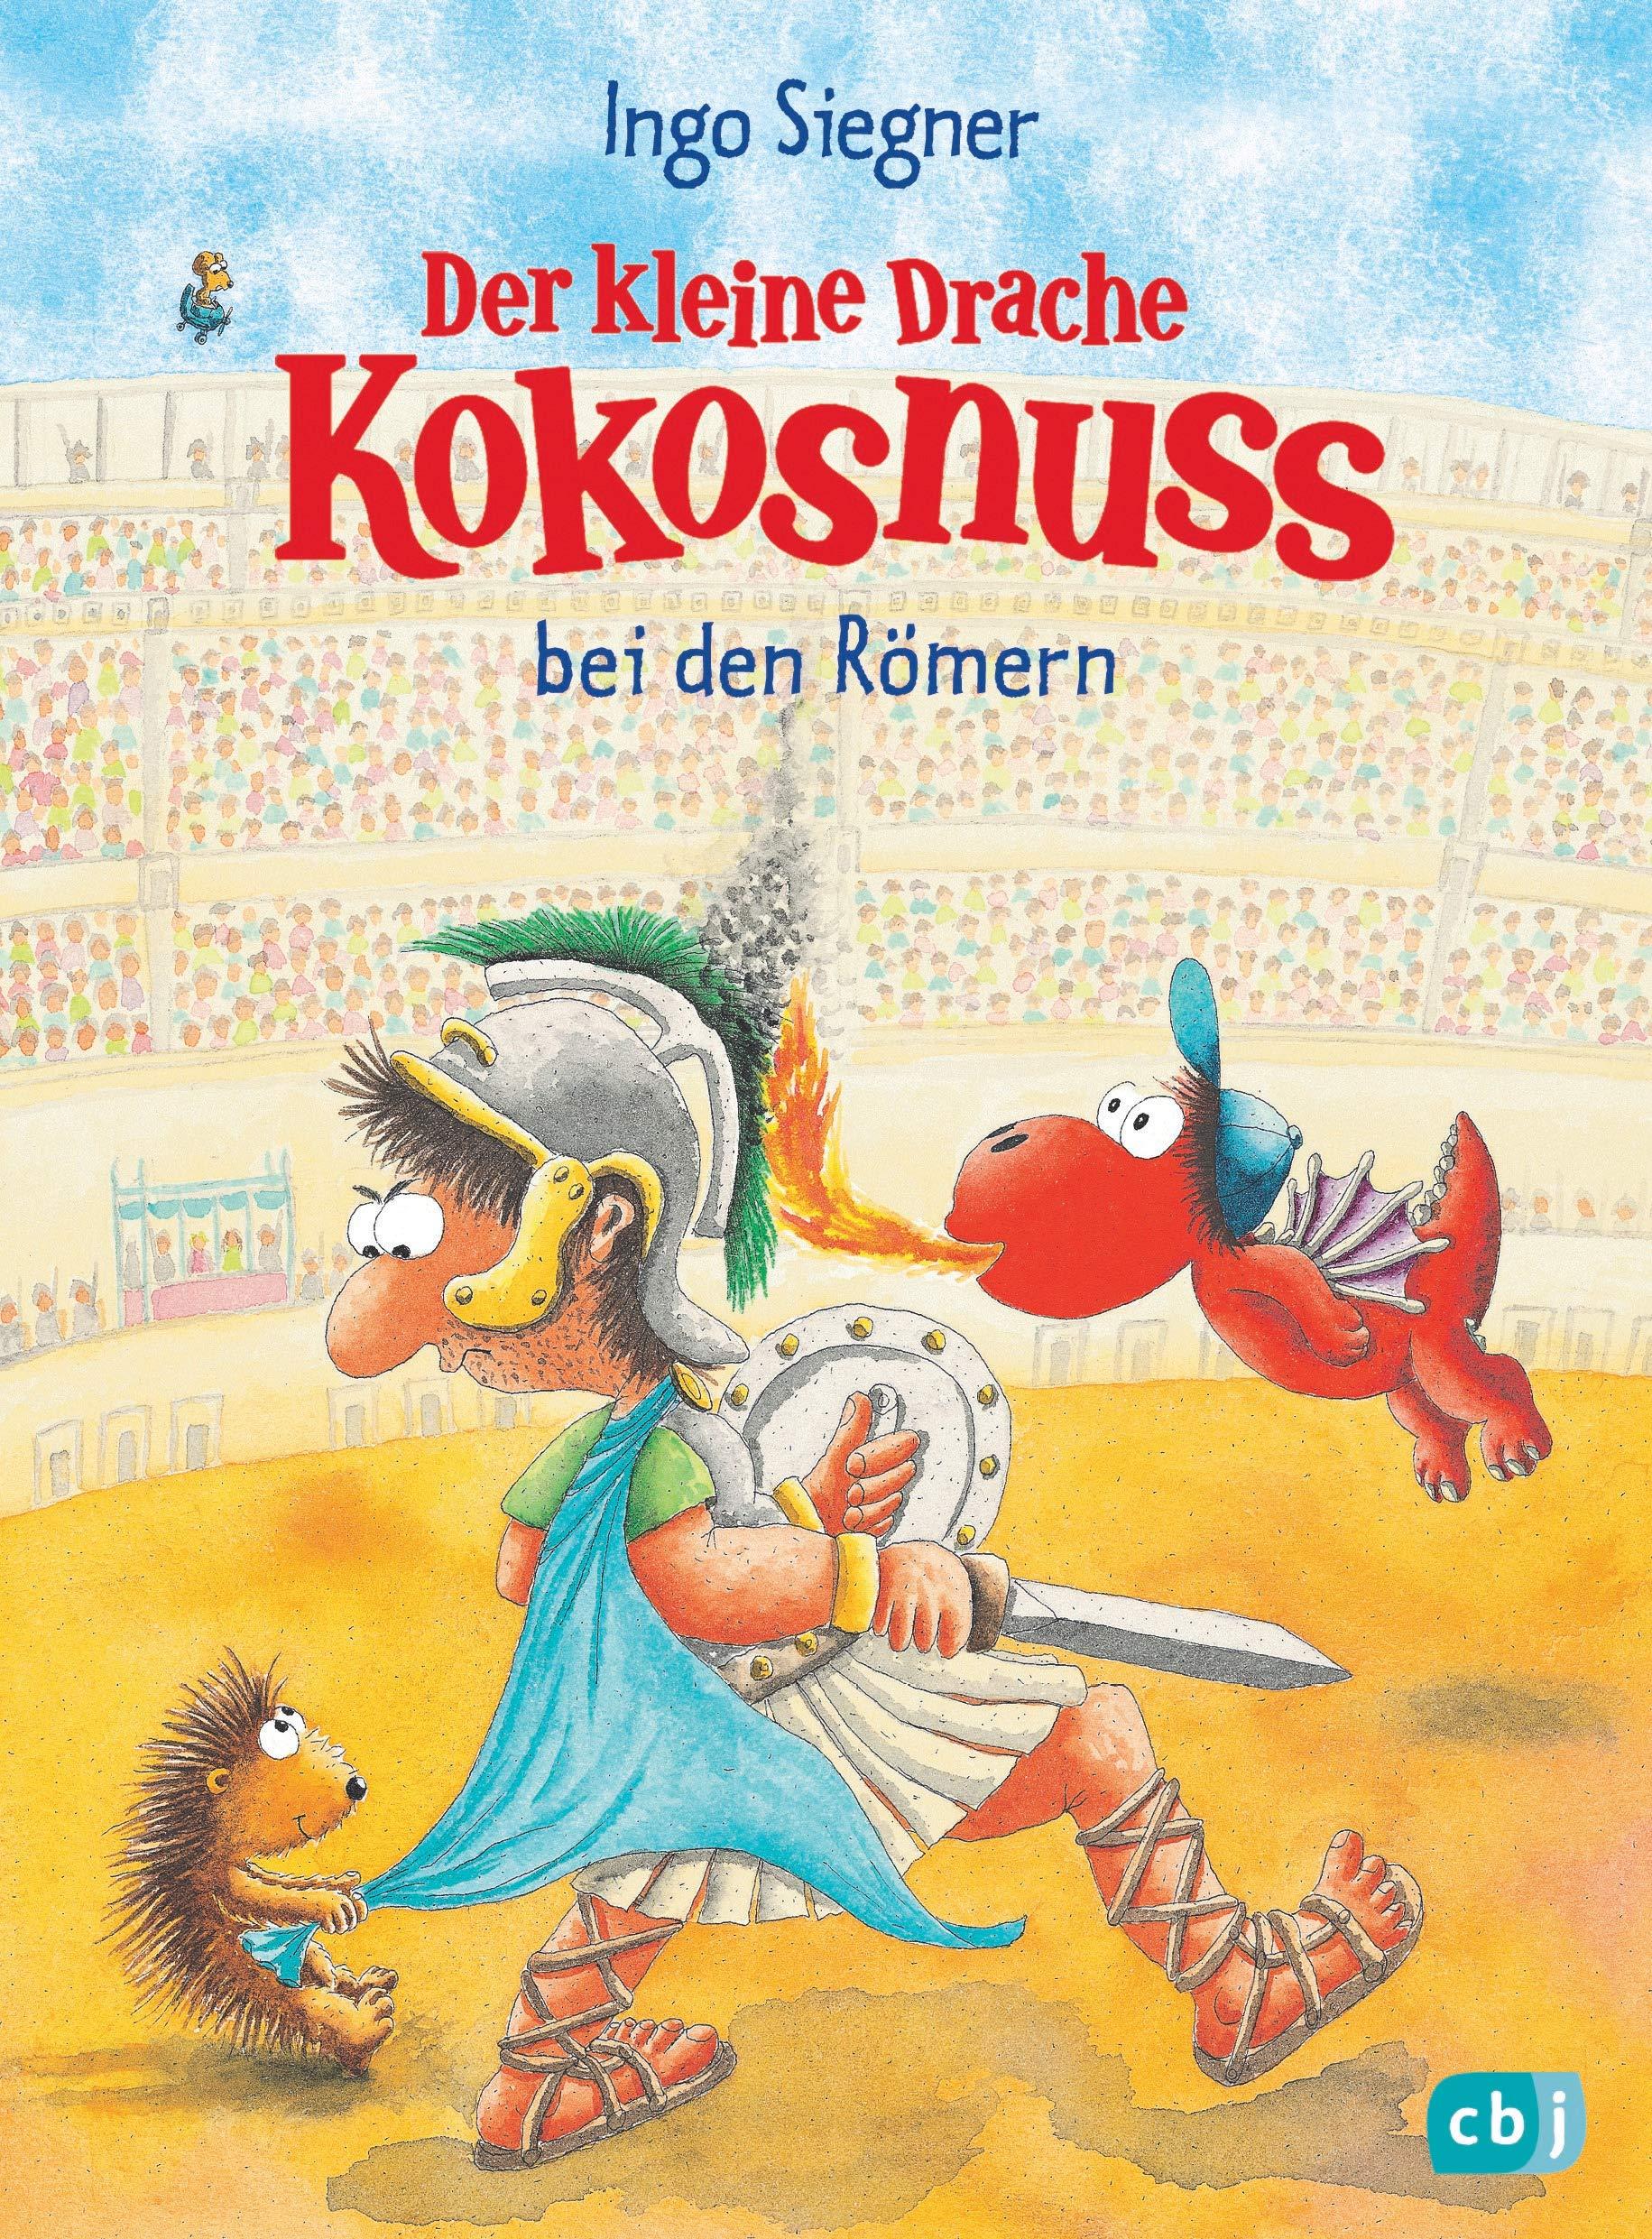 Der kleine Drache Kokosnuss bei den Römern (Die Abenteuer des kleinen Drachen Kokosnuss 27)